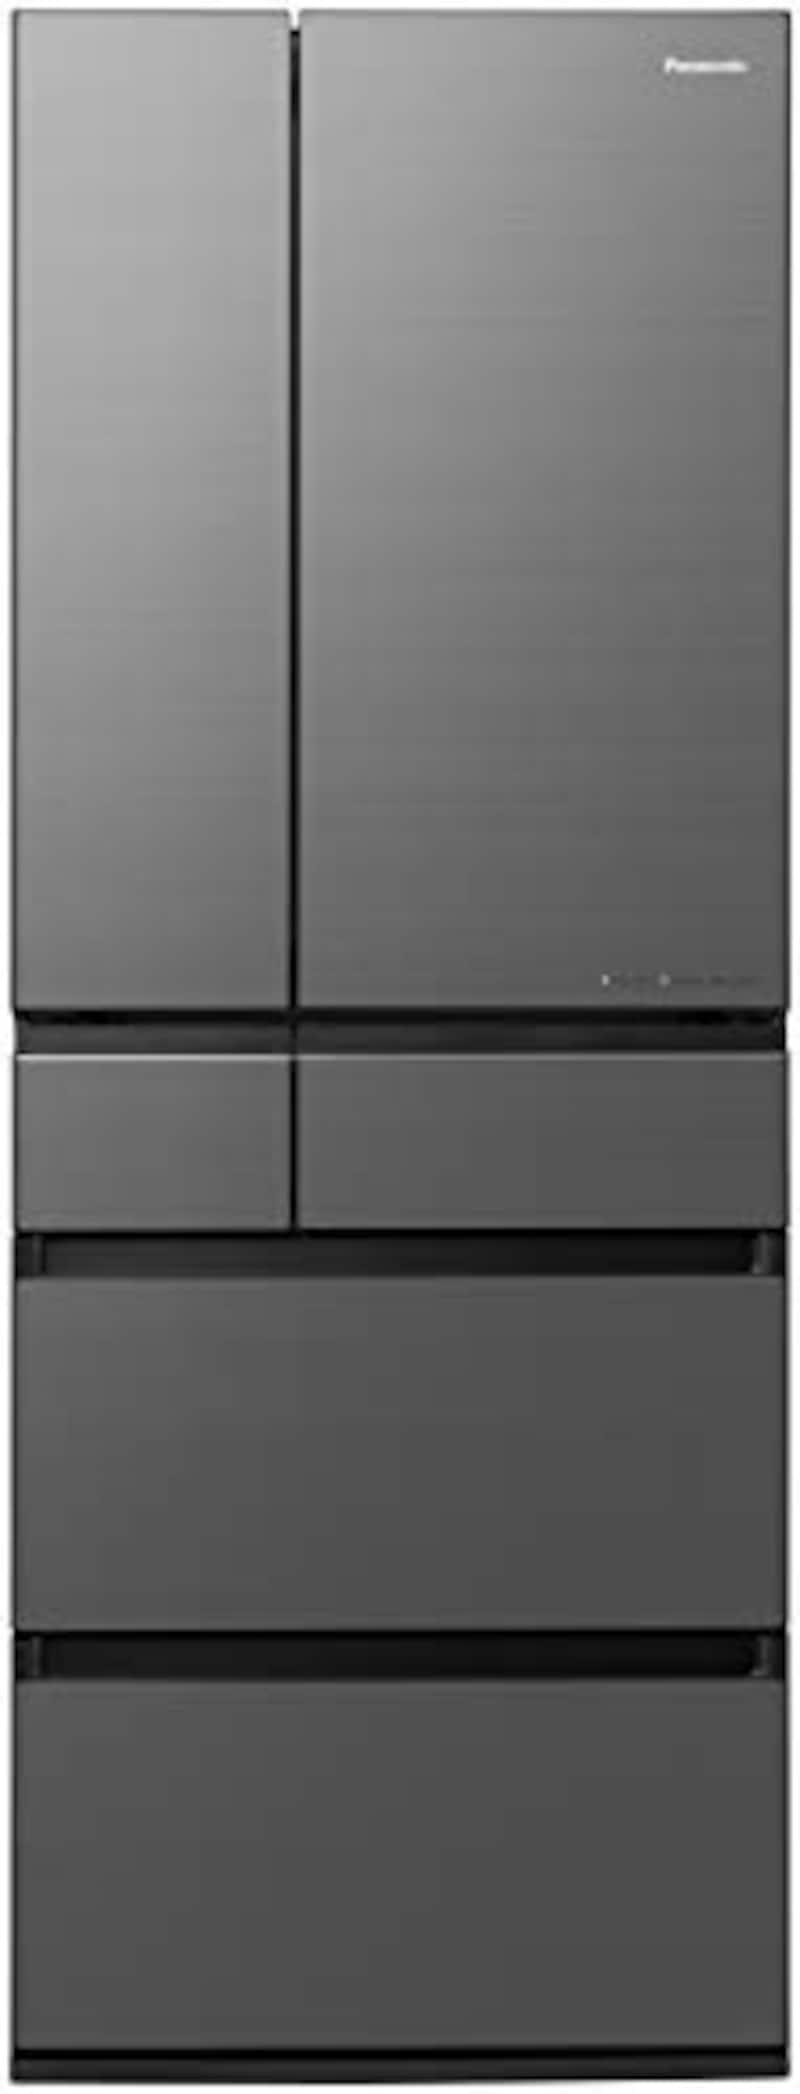 Panasonic(パナソニック),パーシャル搭載6ドア冷蔵庫,NR-F607WPX